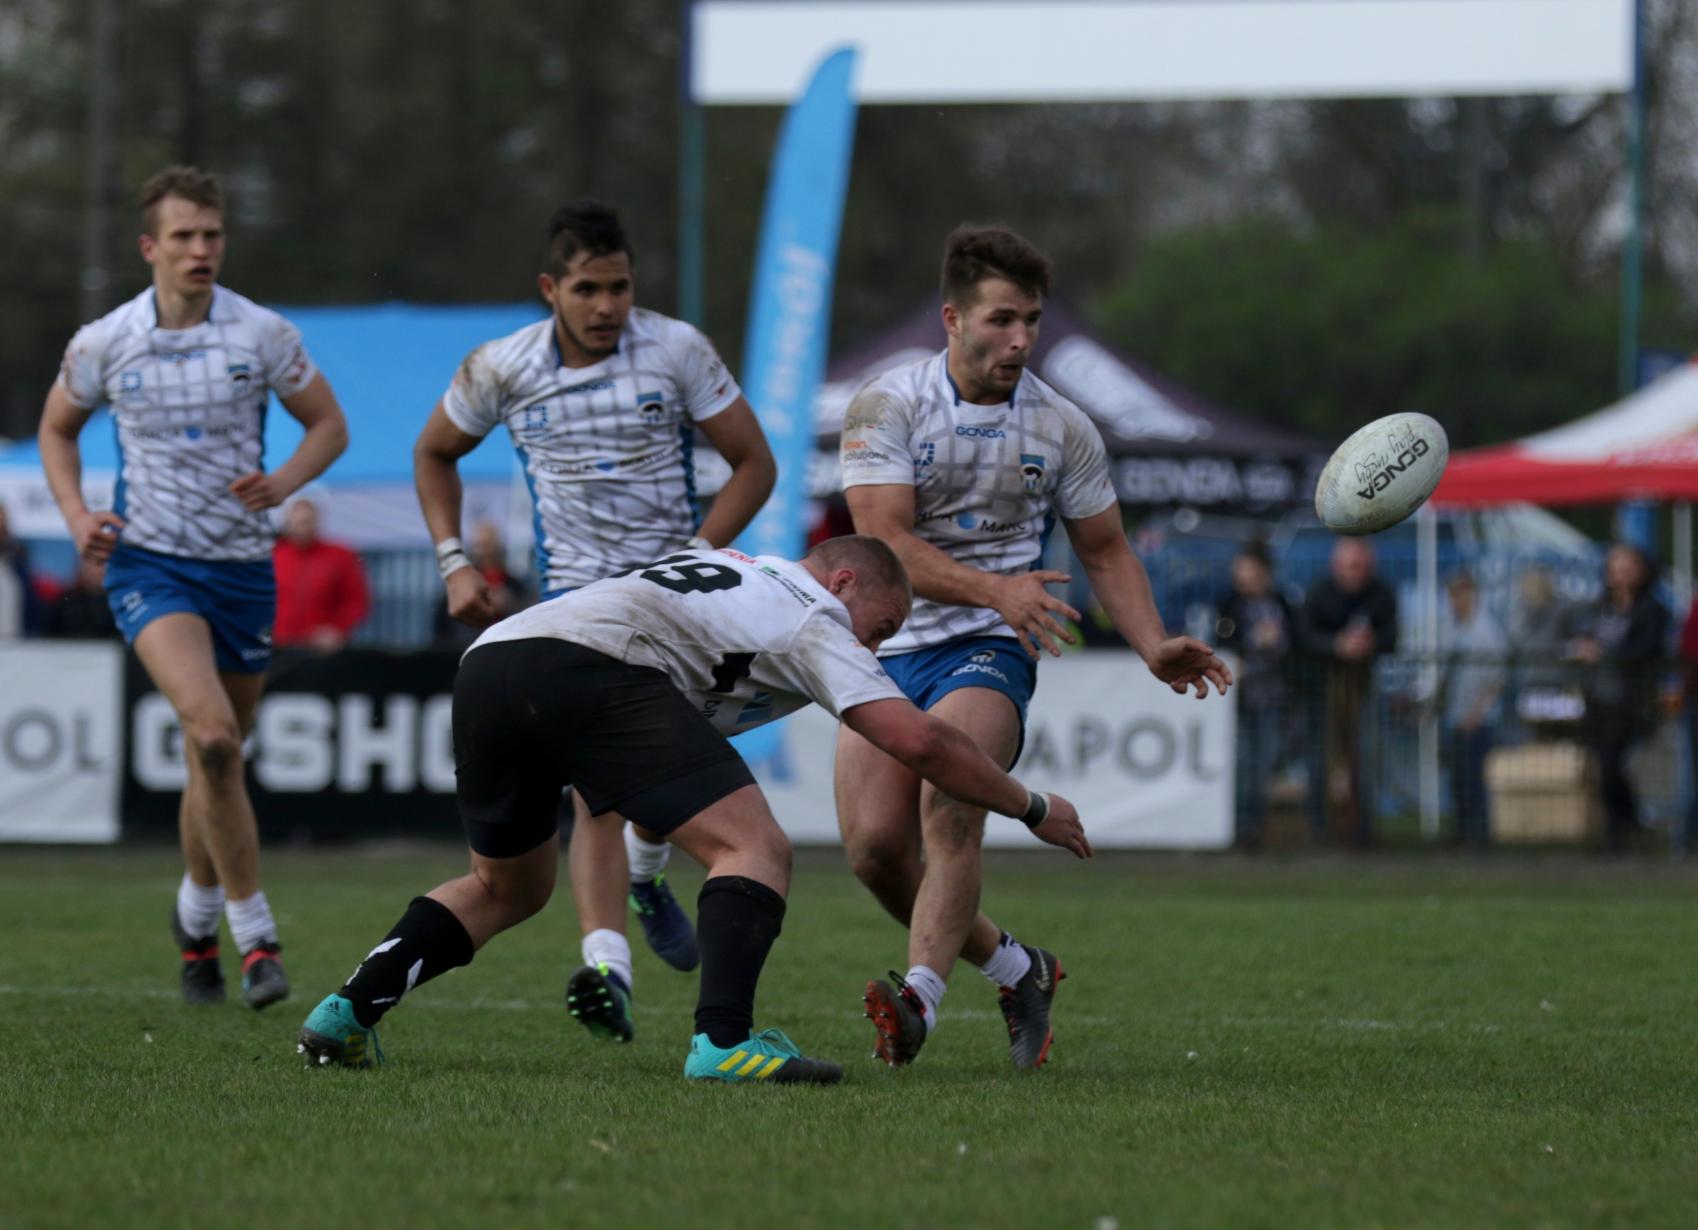 Ekstraliga Rugby: Smoki wracają do gry z większym apetytem